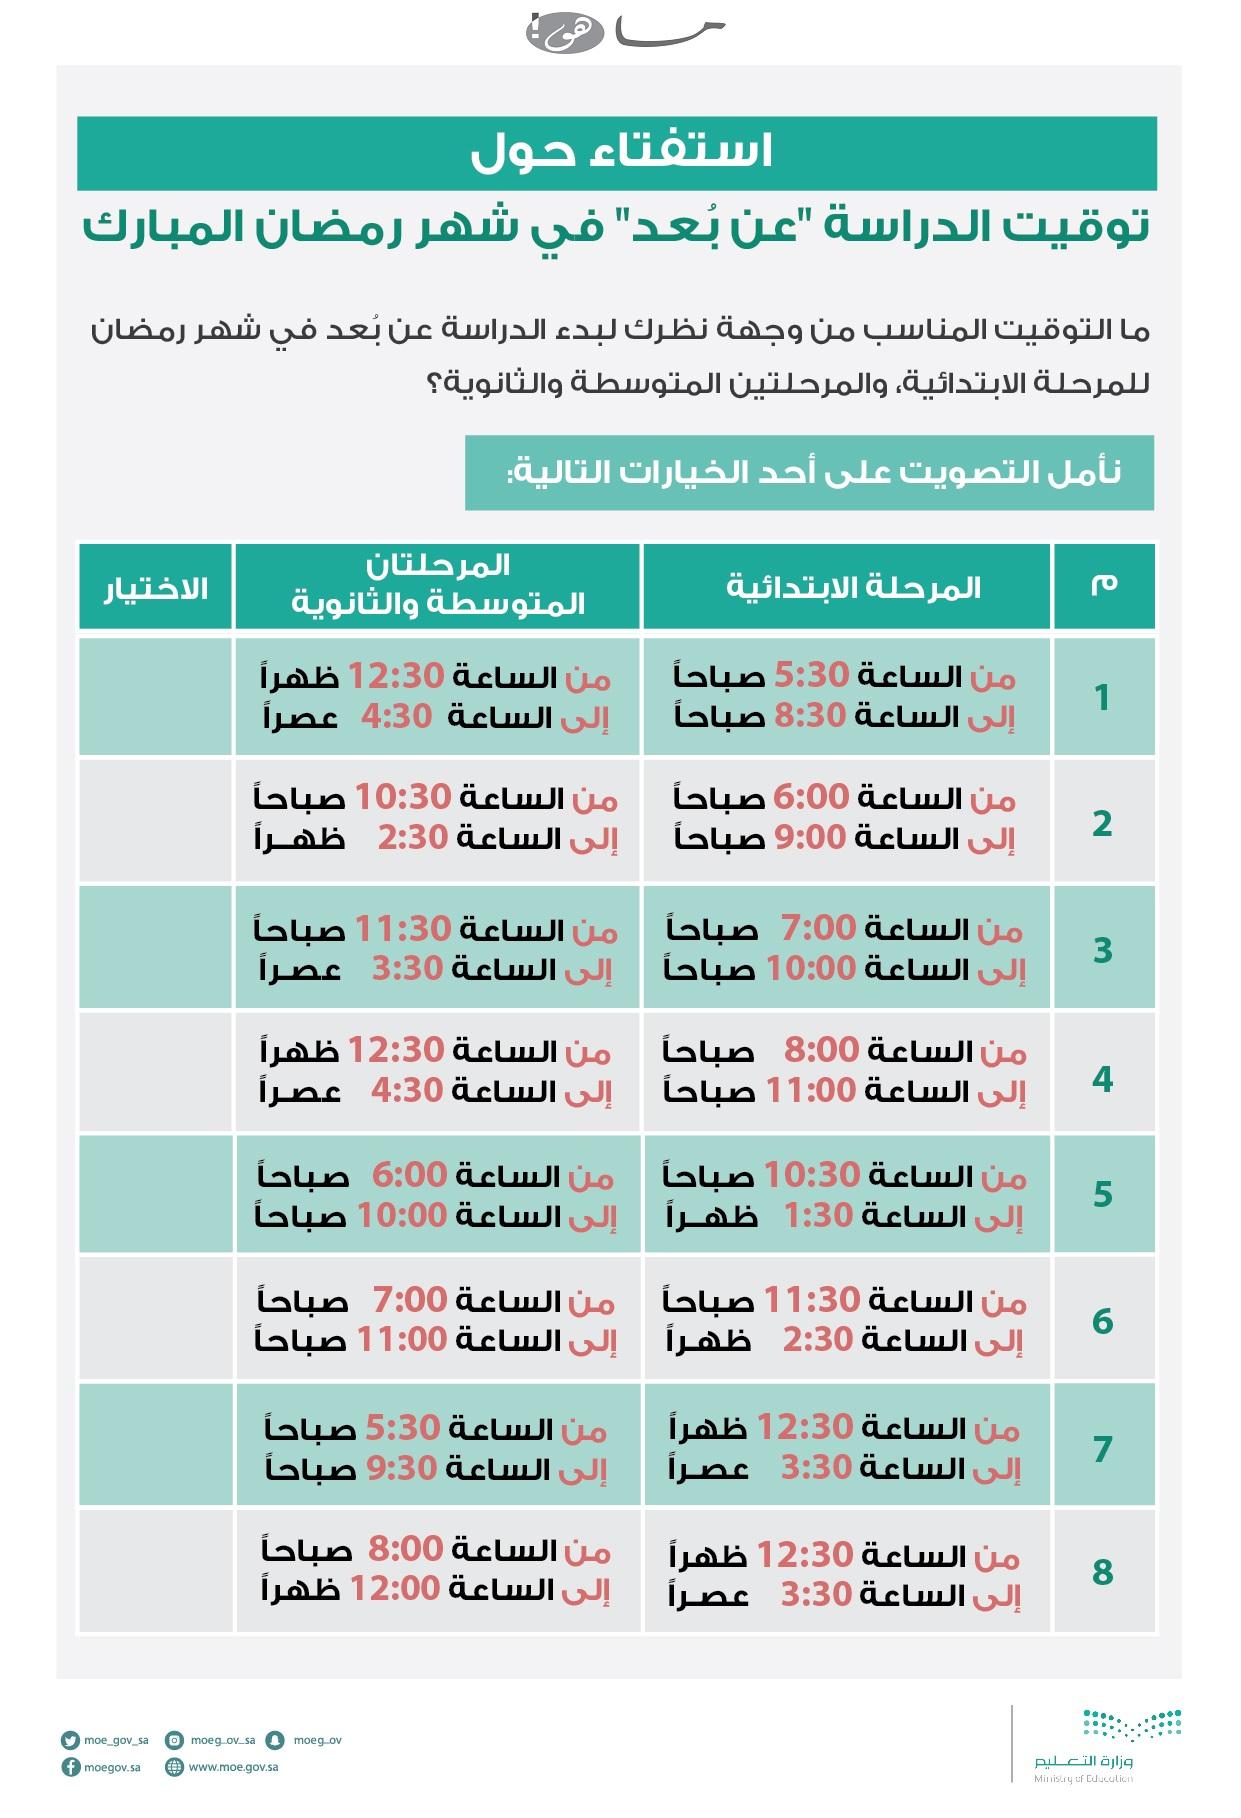 تصويت الدراسة في رمضان